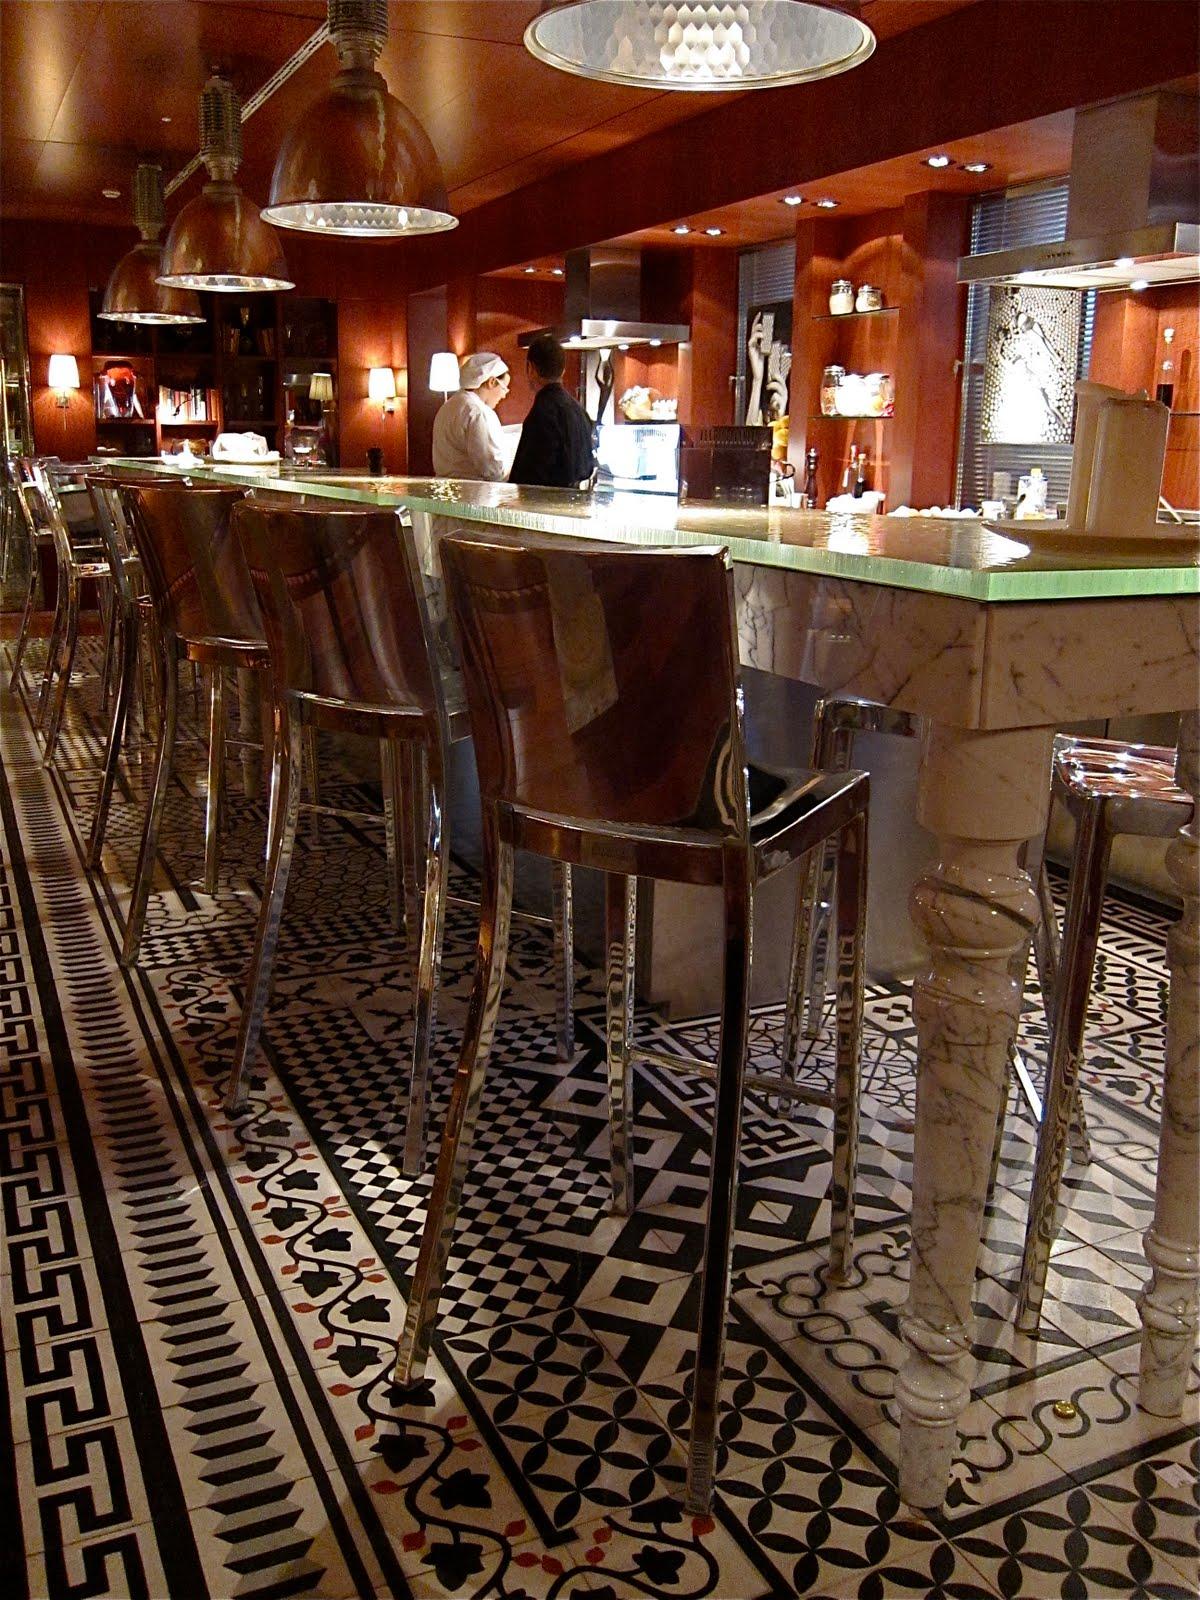 Contessanally Venice Palazzina Grassi Hotel